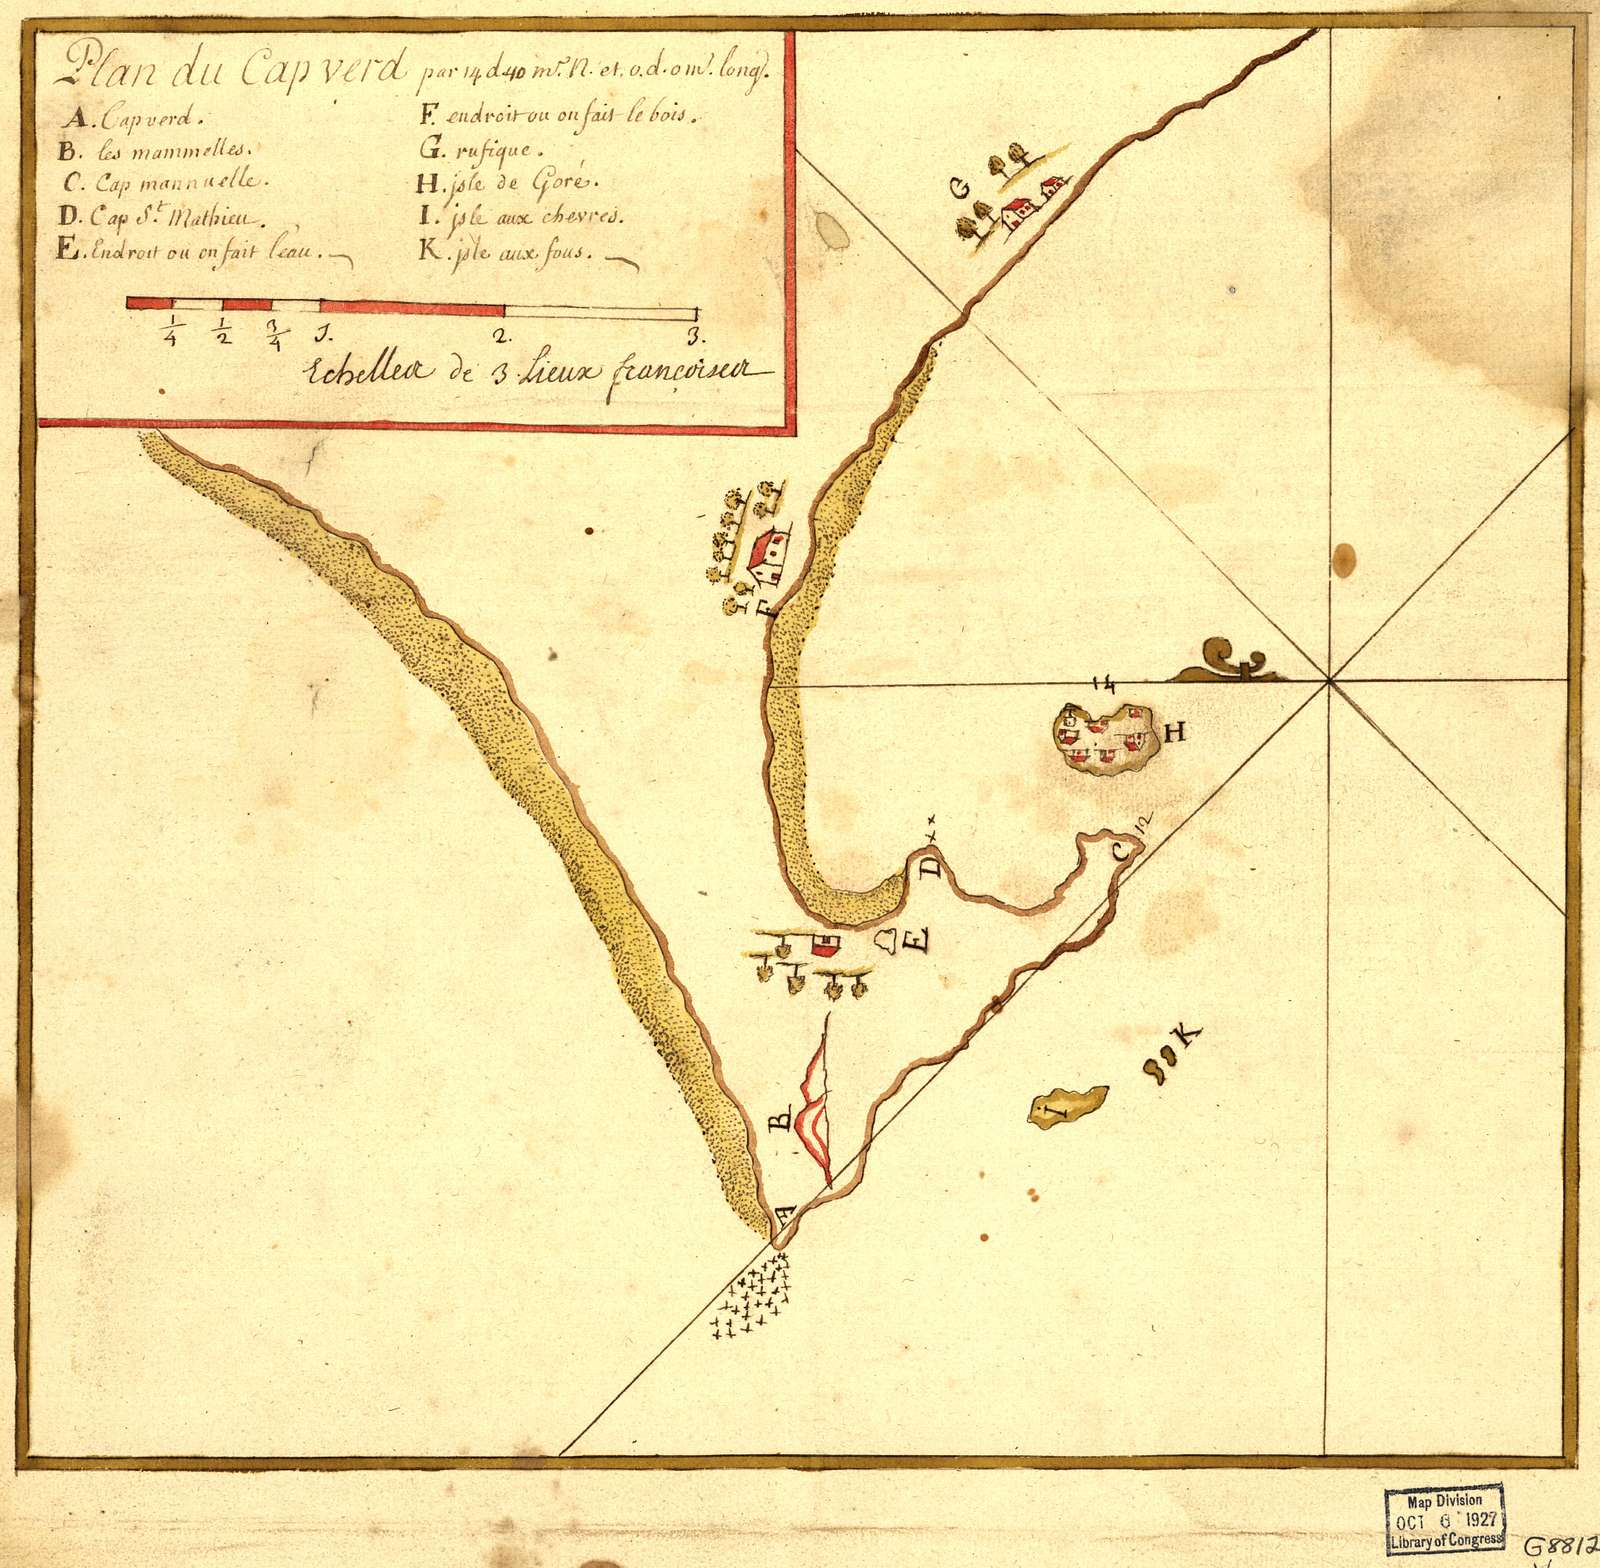 Plan du Cap Verd par 14 d. 40 m. N. et 0 d. 0 m. long.